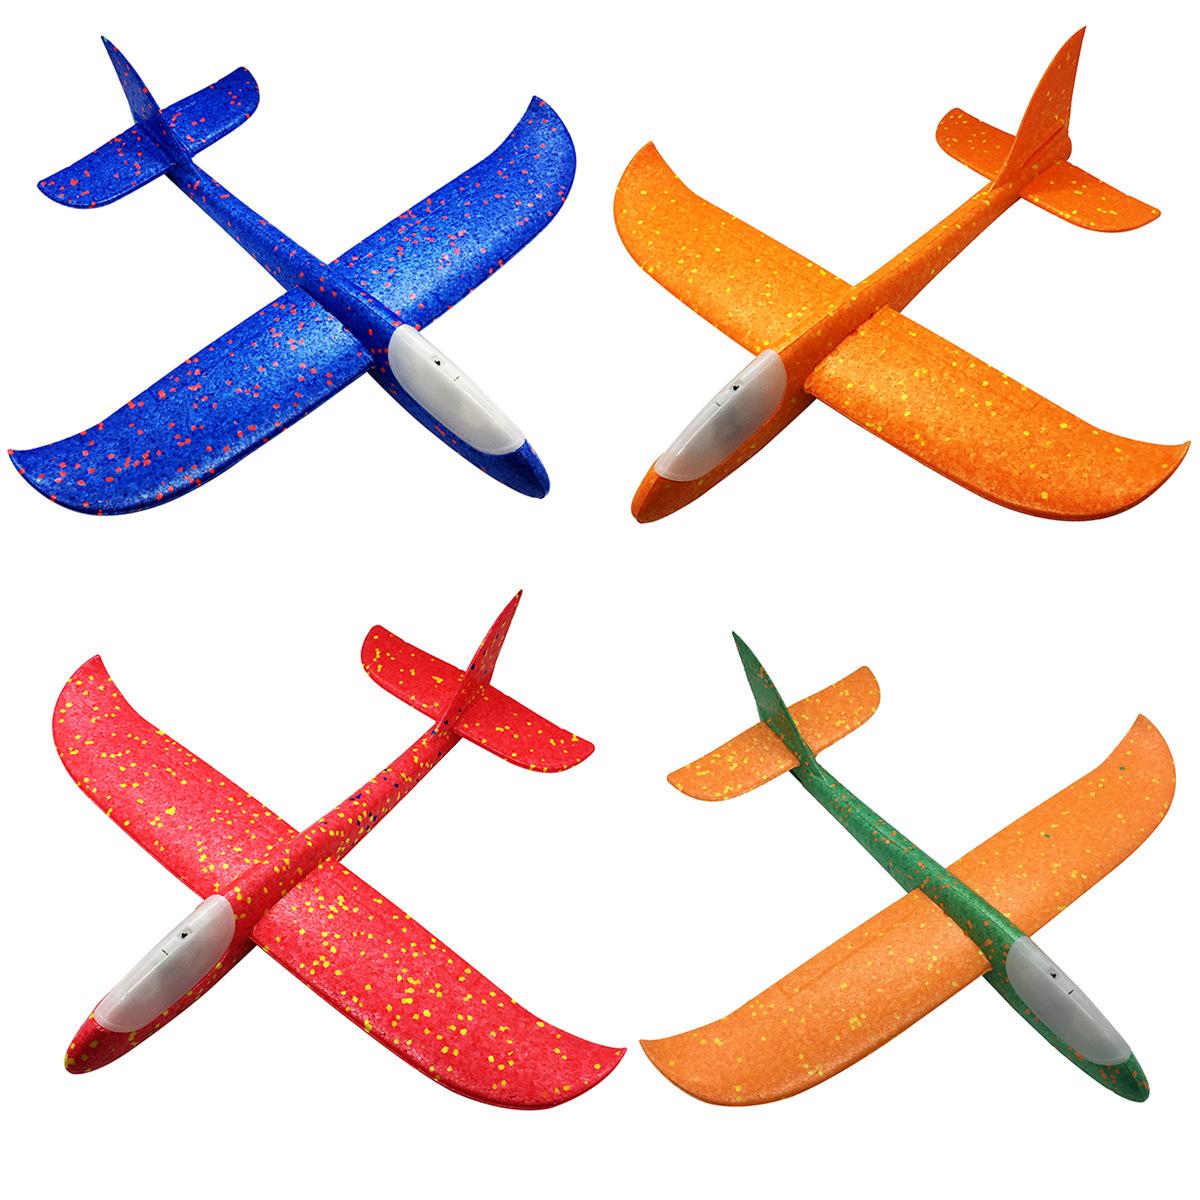 gioco giocattolo bambino Aereo aereoplanino gommapiuma luminoso lancio a mano